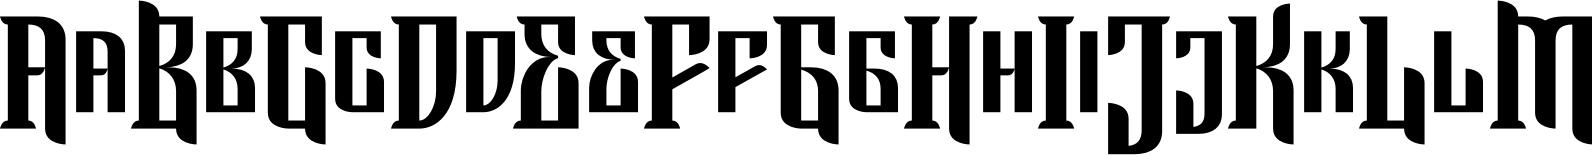 Jemahok